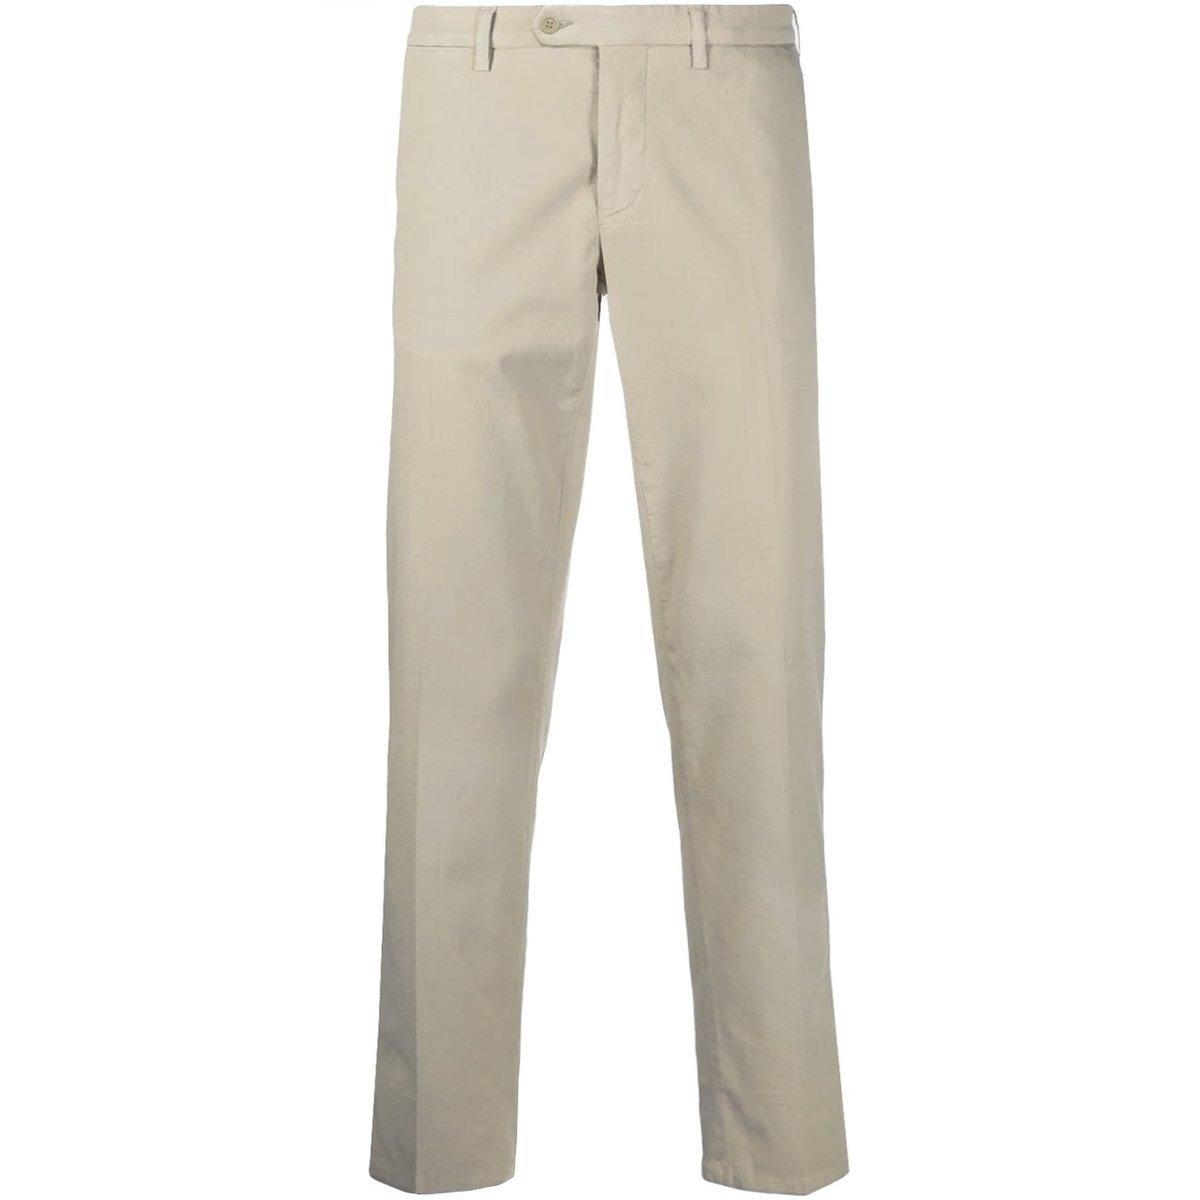 Gerani Tapered Beige Cotton Chino Pants.jpg